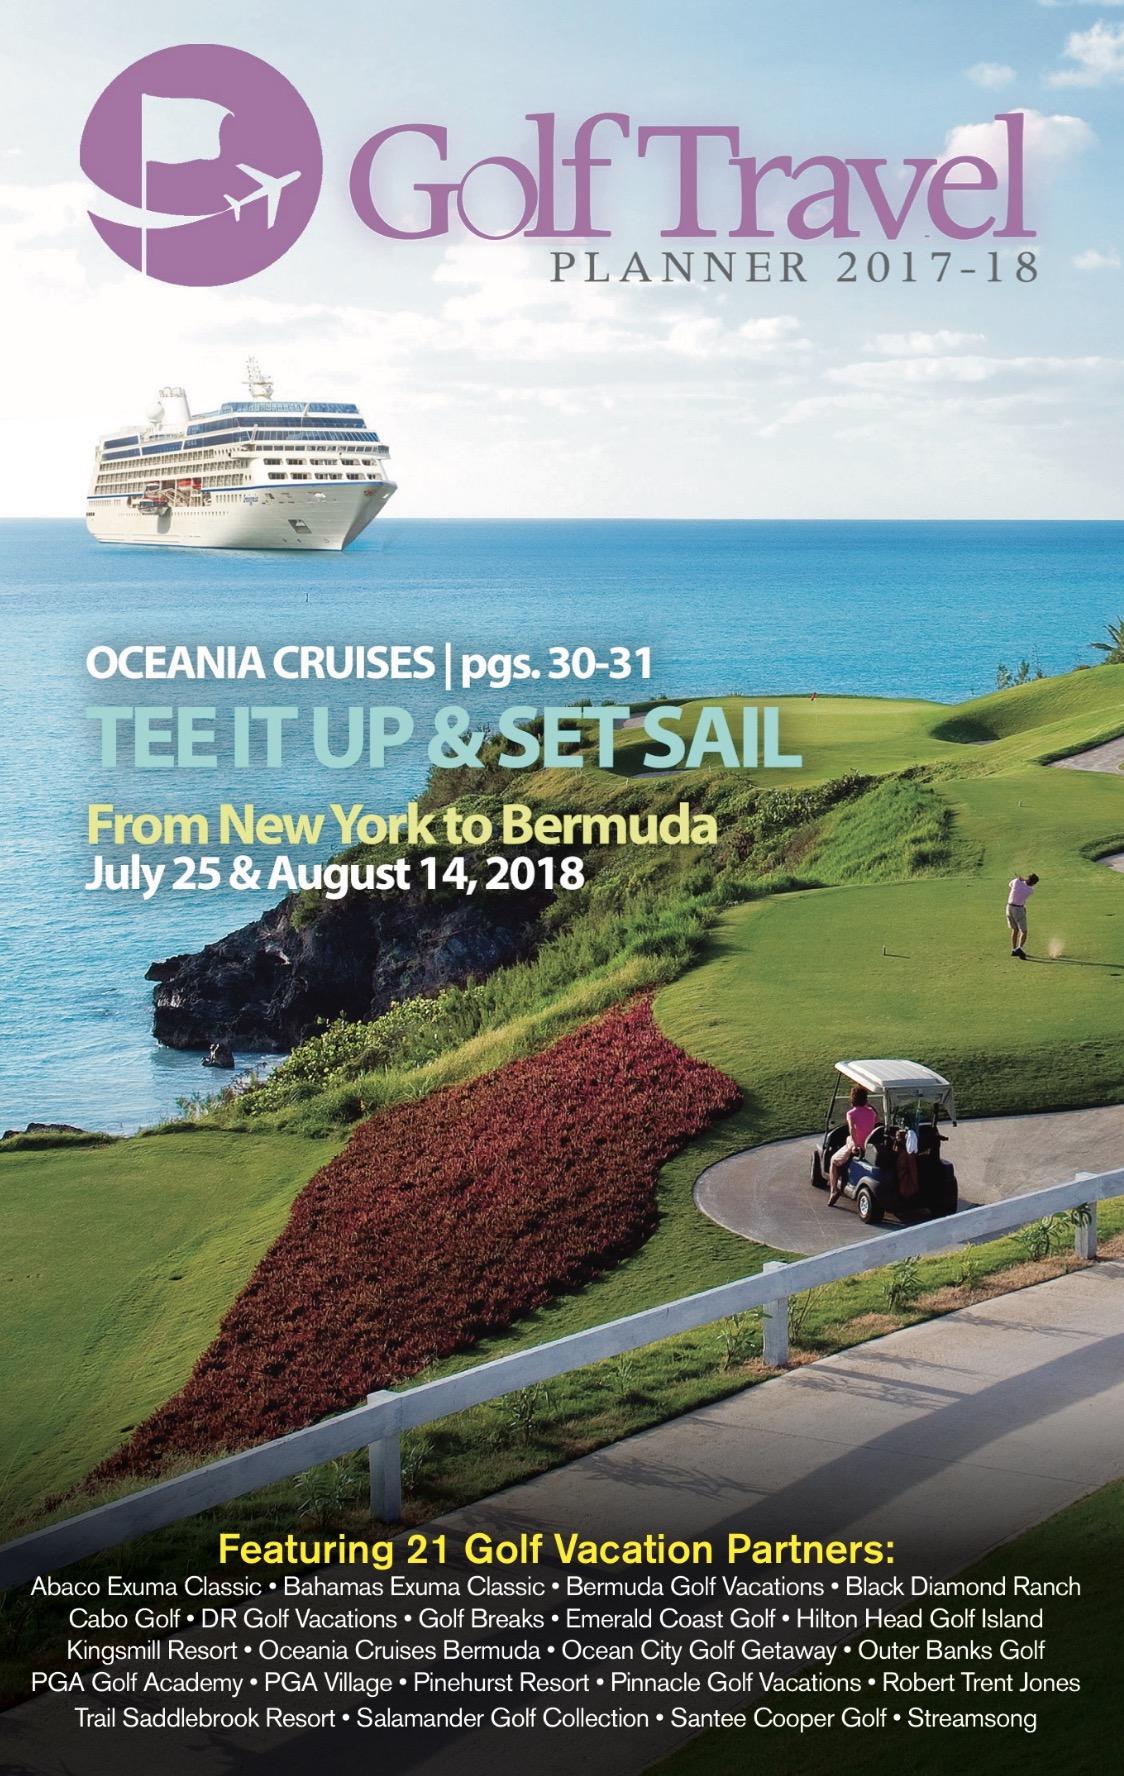 golf trip planner